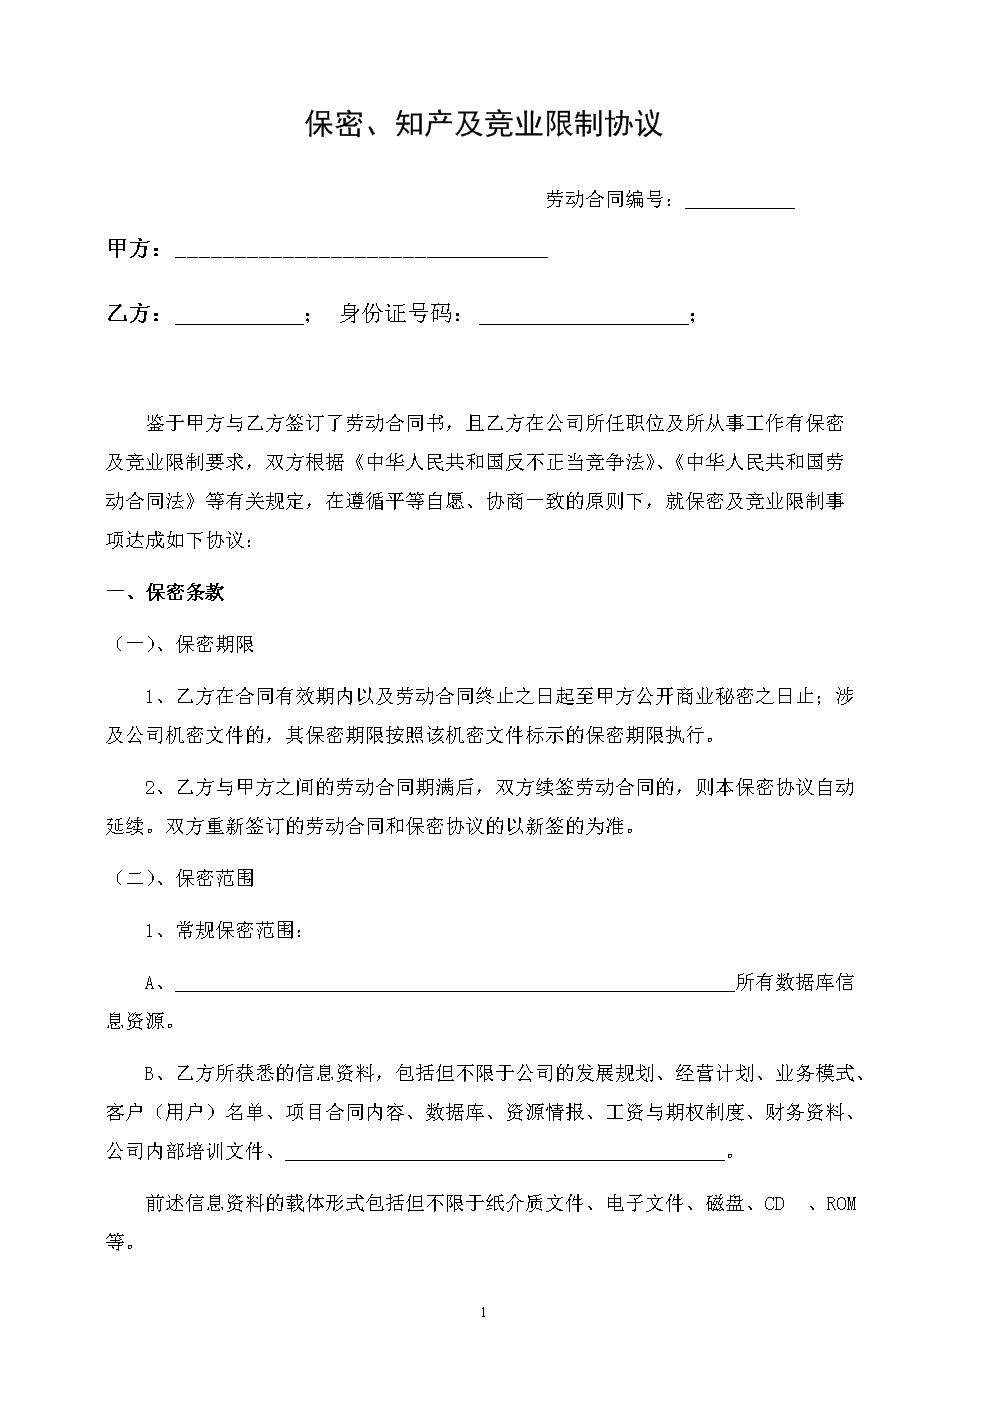 保密及竞业禁止协议(创业公司).doc